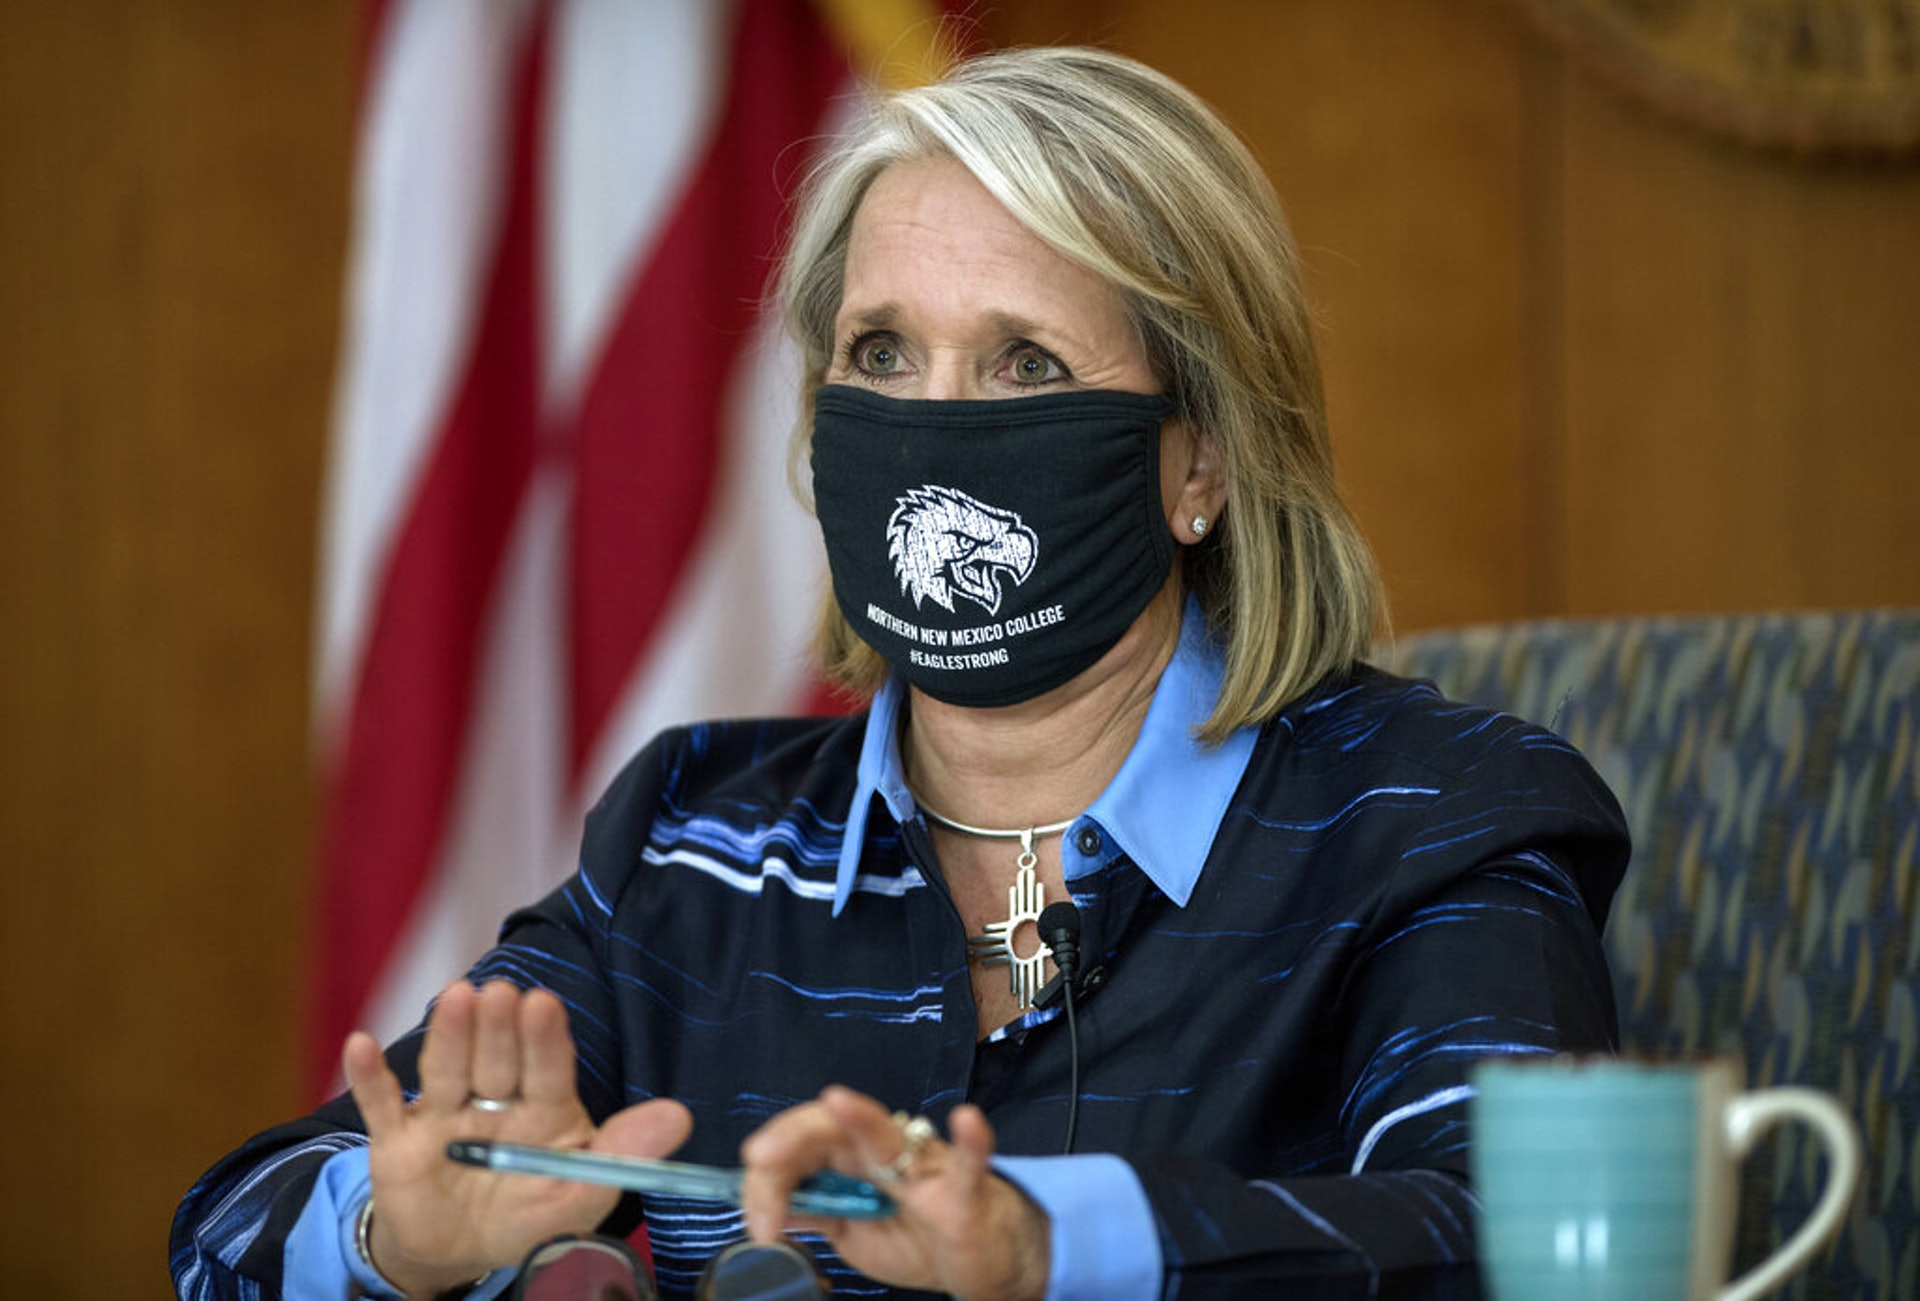 拜登內容人選4:拉丁裔的新墨西哥州長格里沙姆被視為有可能成為執掌美國衞生與公眾服務部的人。衞生與公眾服務部將接手解決新型冠狀病毒肺炎的工作,責任重大。圖為2020年7月23日,格里沙姆在聖菲進行其每周疫情記者會,對外講解疫情更新資訊。(AP)